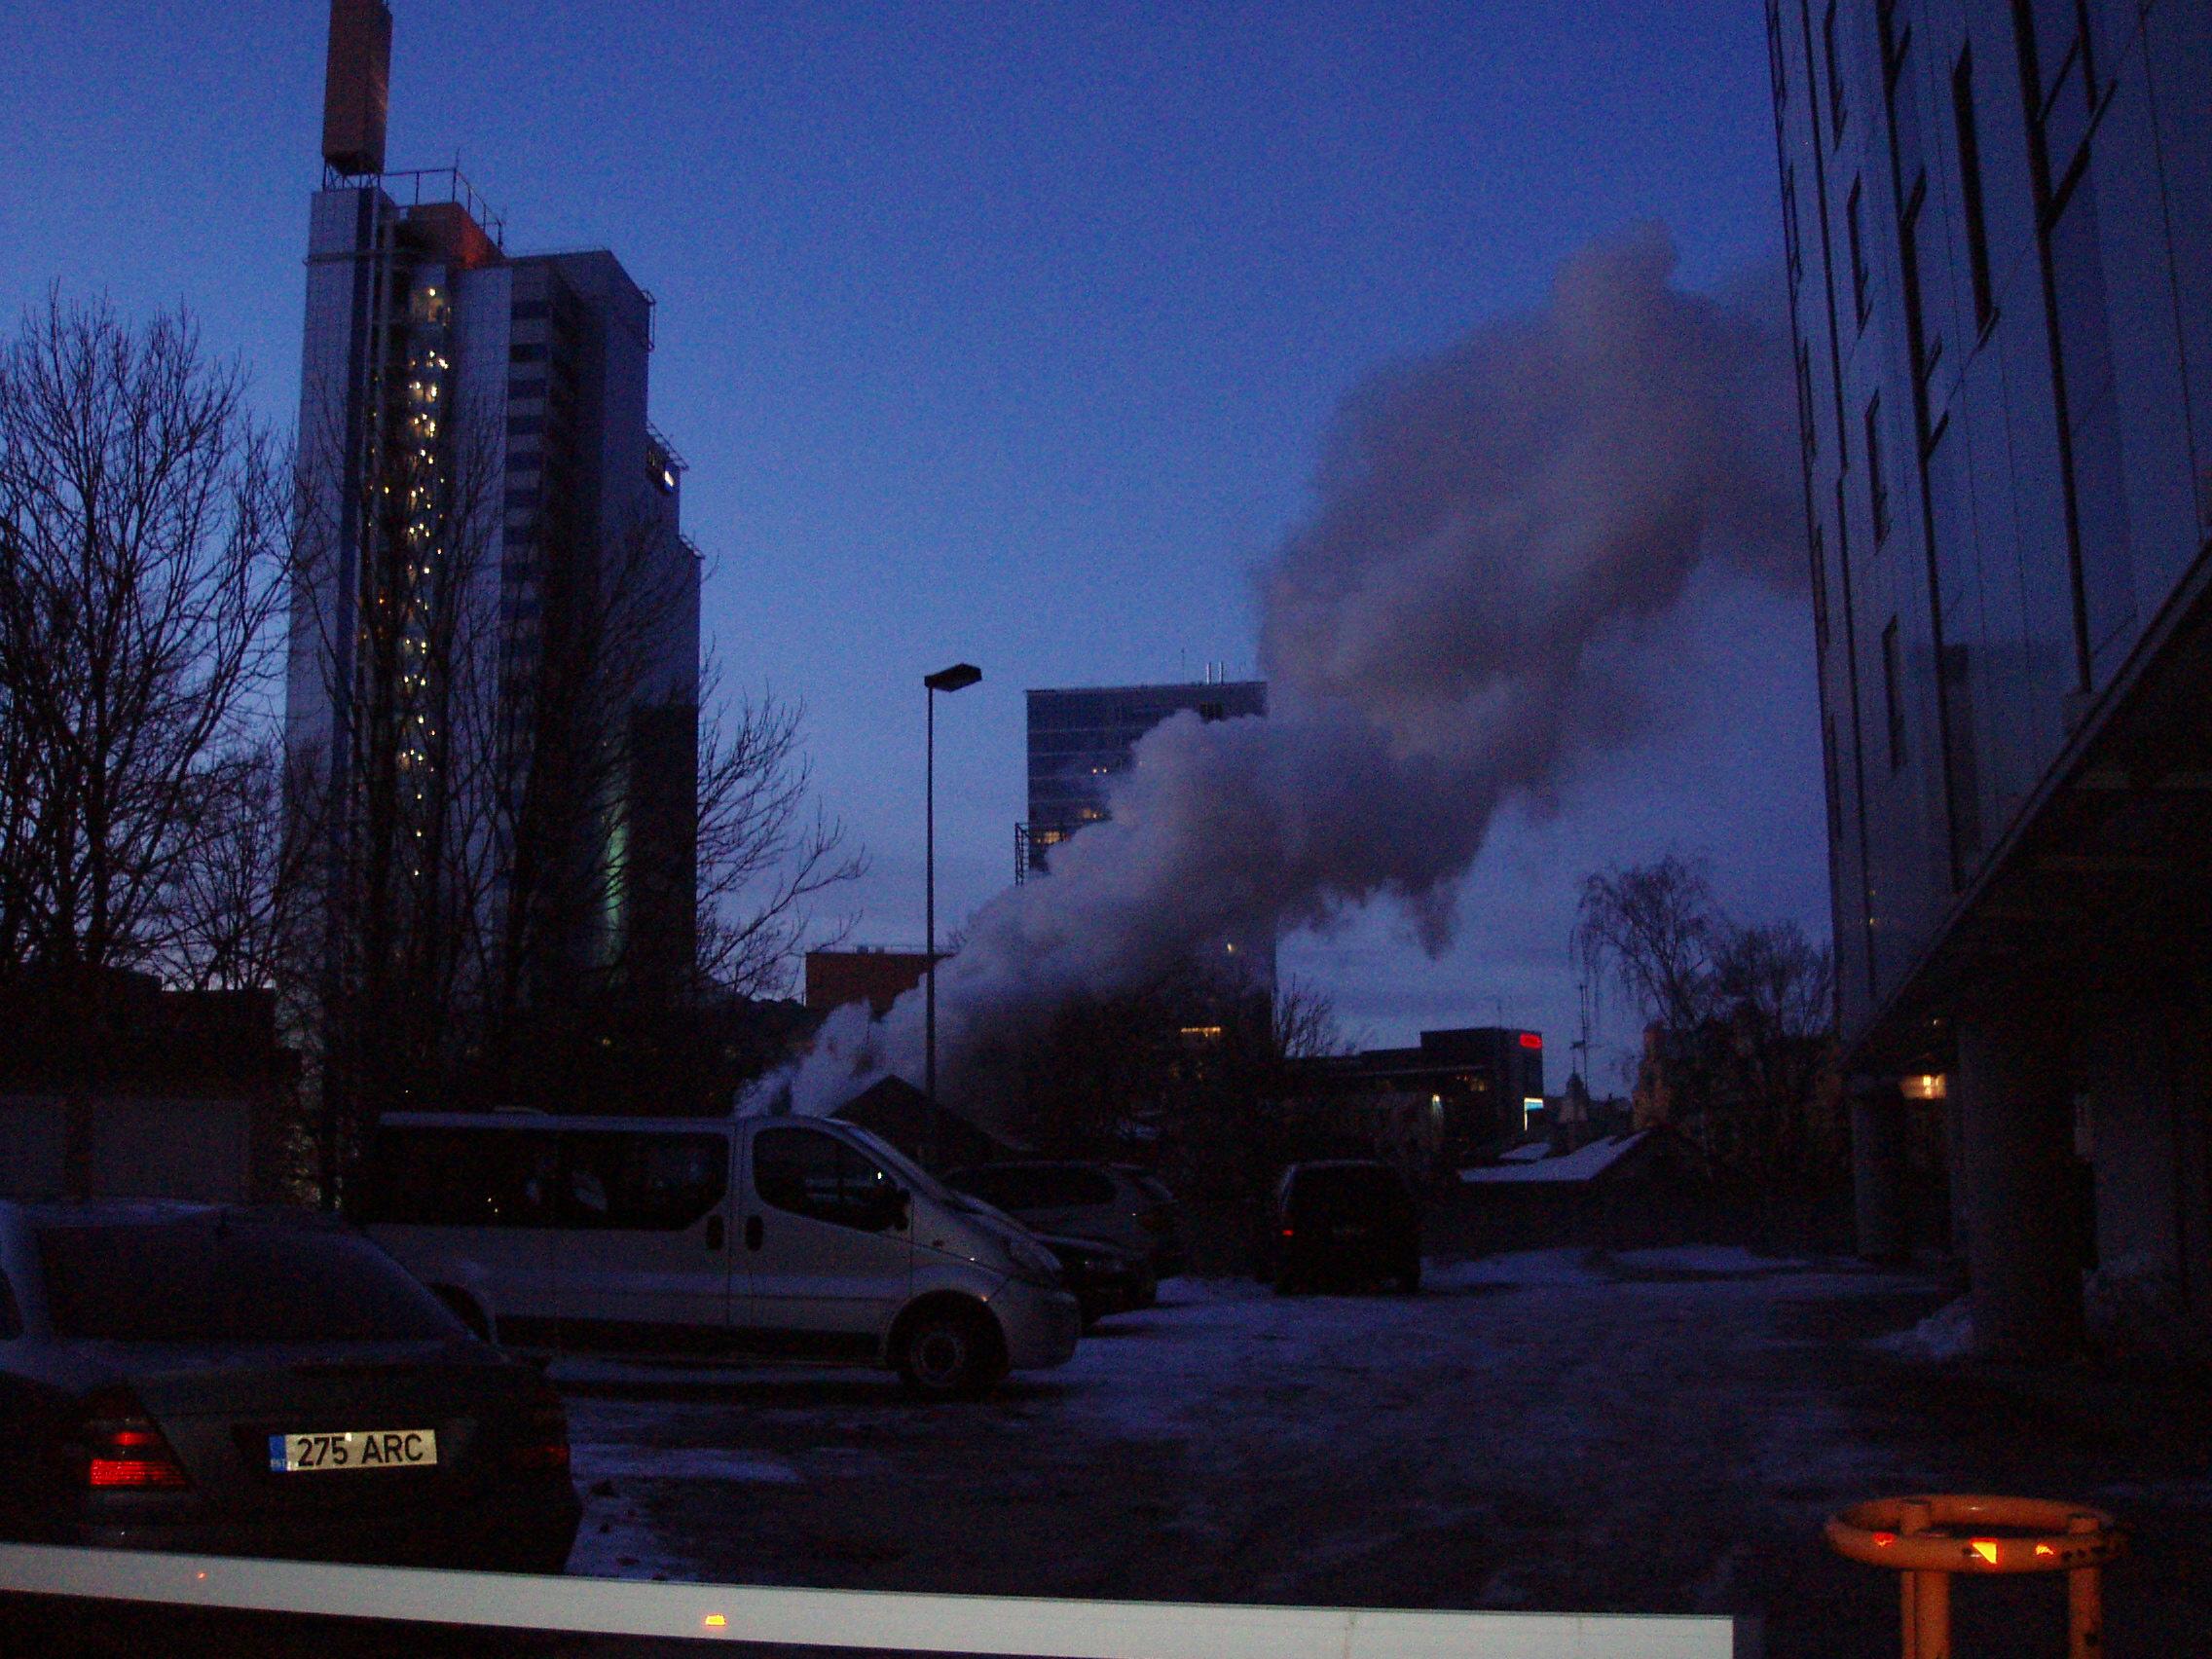 File:A fire in a house Maakri Tallinn 9 March 2010 jpg